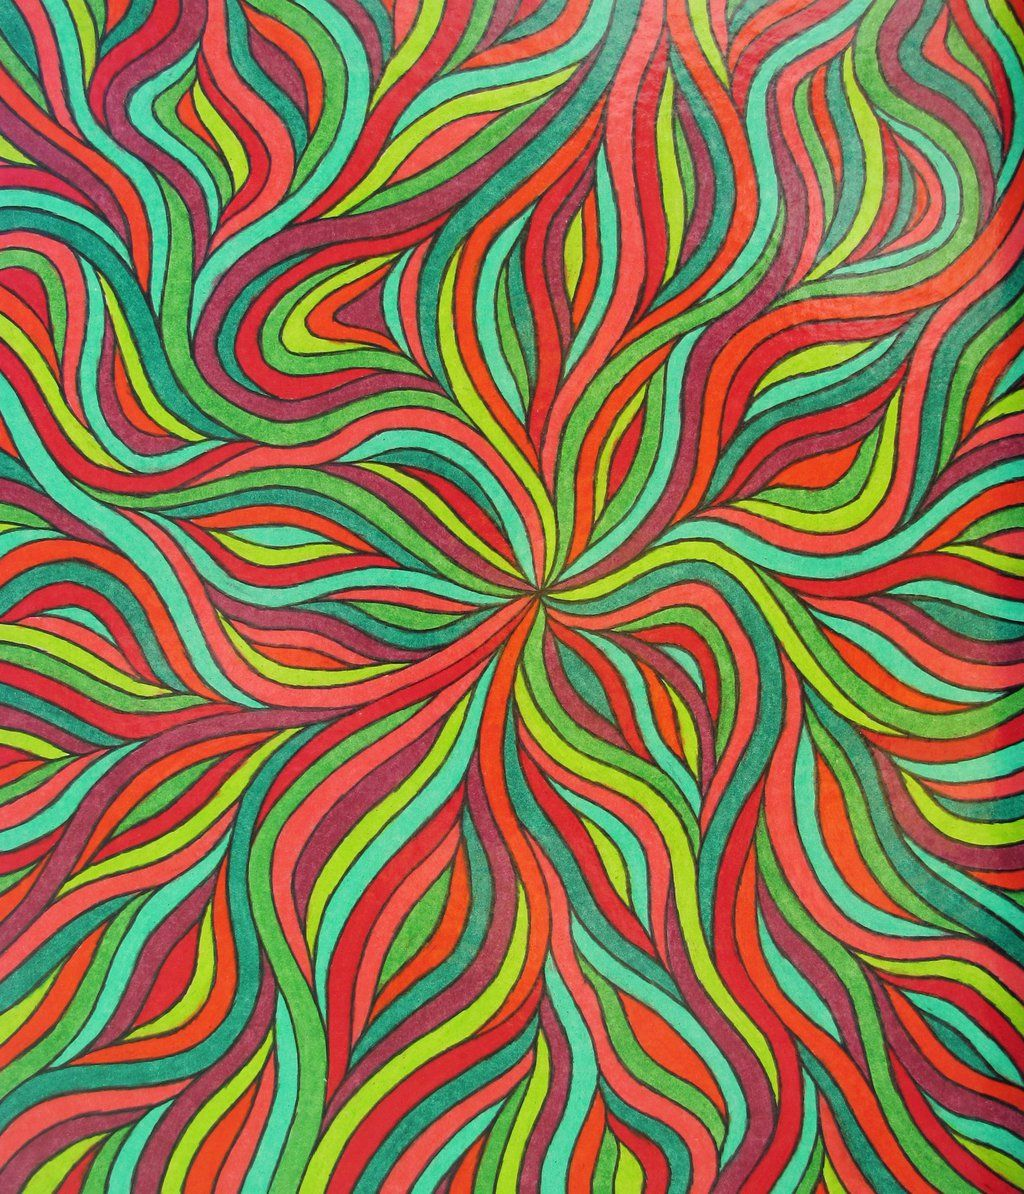 Spiral 2 By Kylewilcoxvisualartviantart On